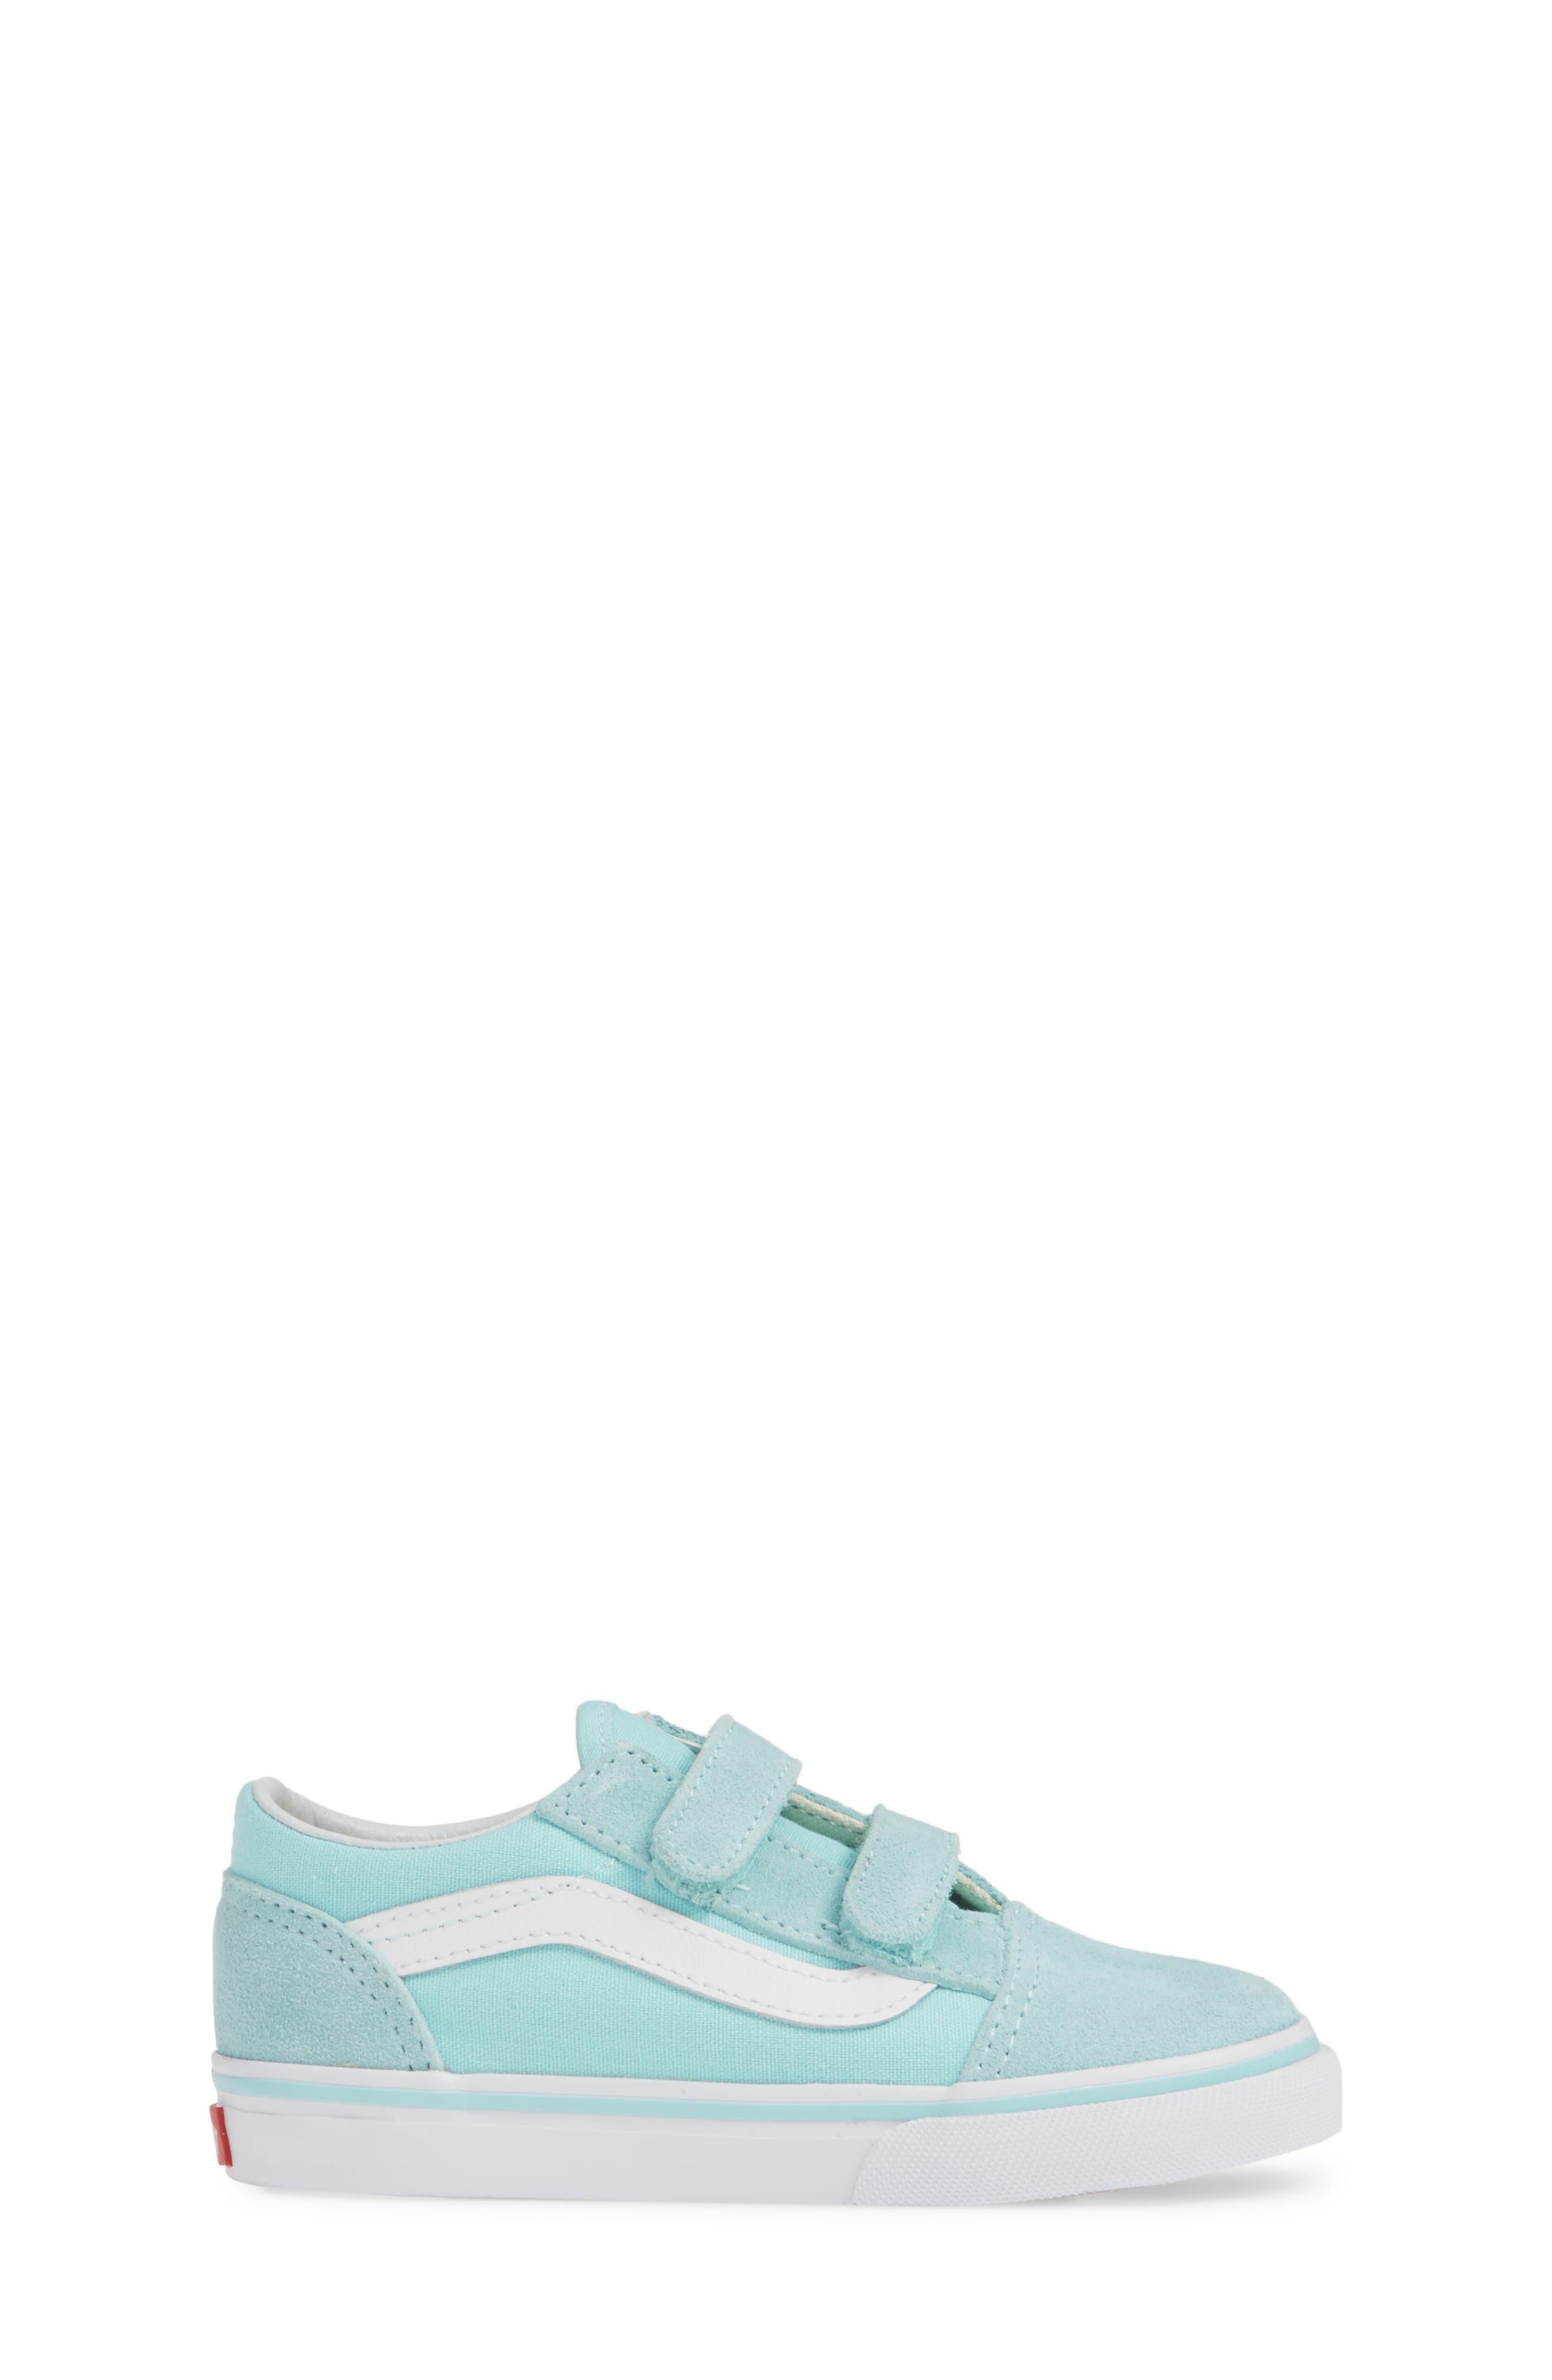 VANS, 'Old Skool V' Sneaker, Alternate thumbnail 3, color, BLUE TINT/ TRUE WHITE